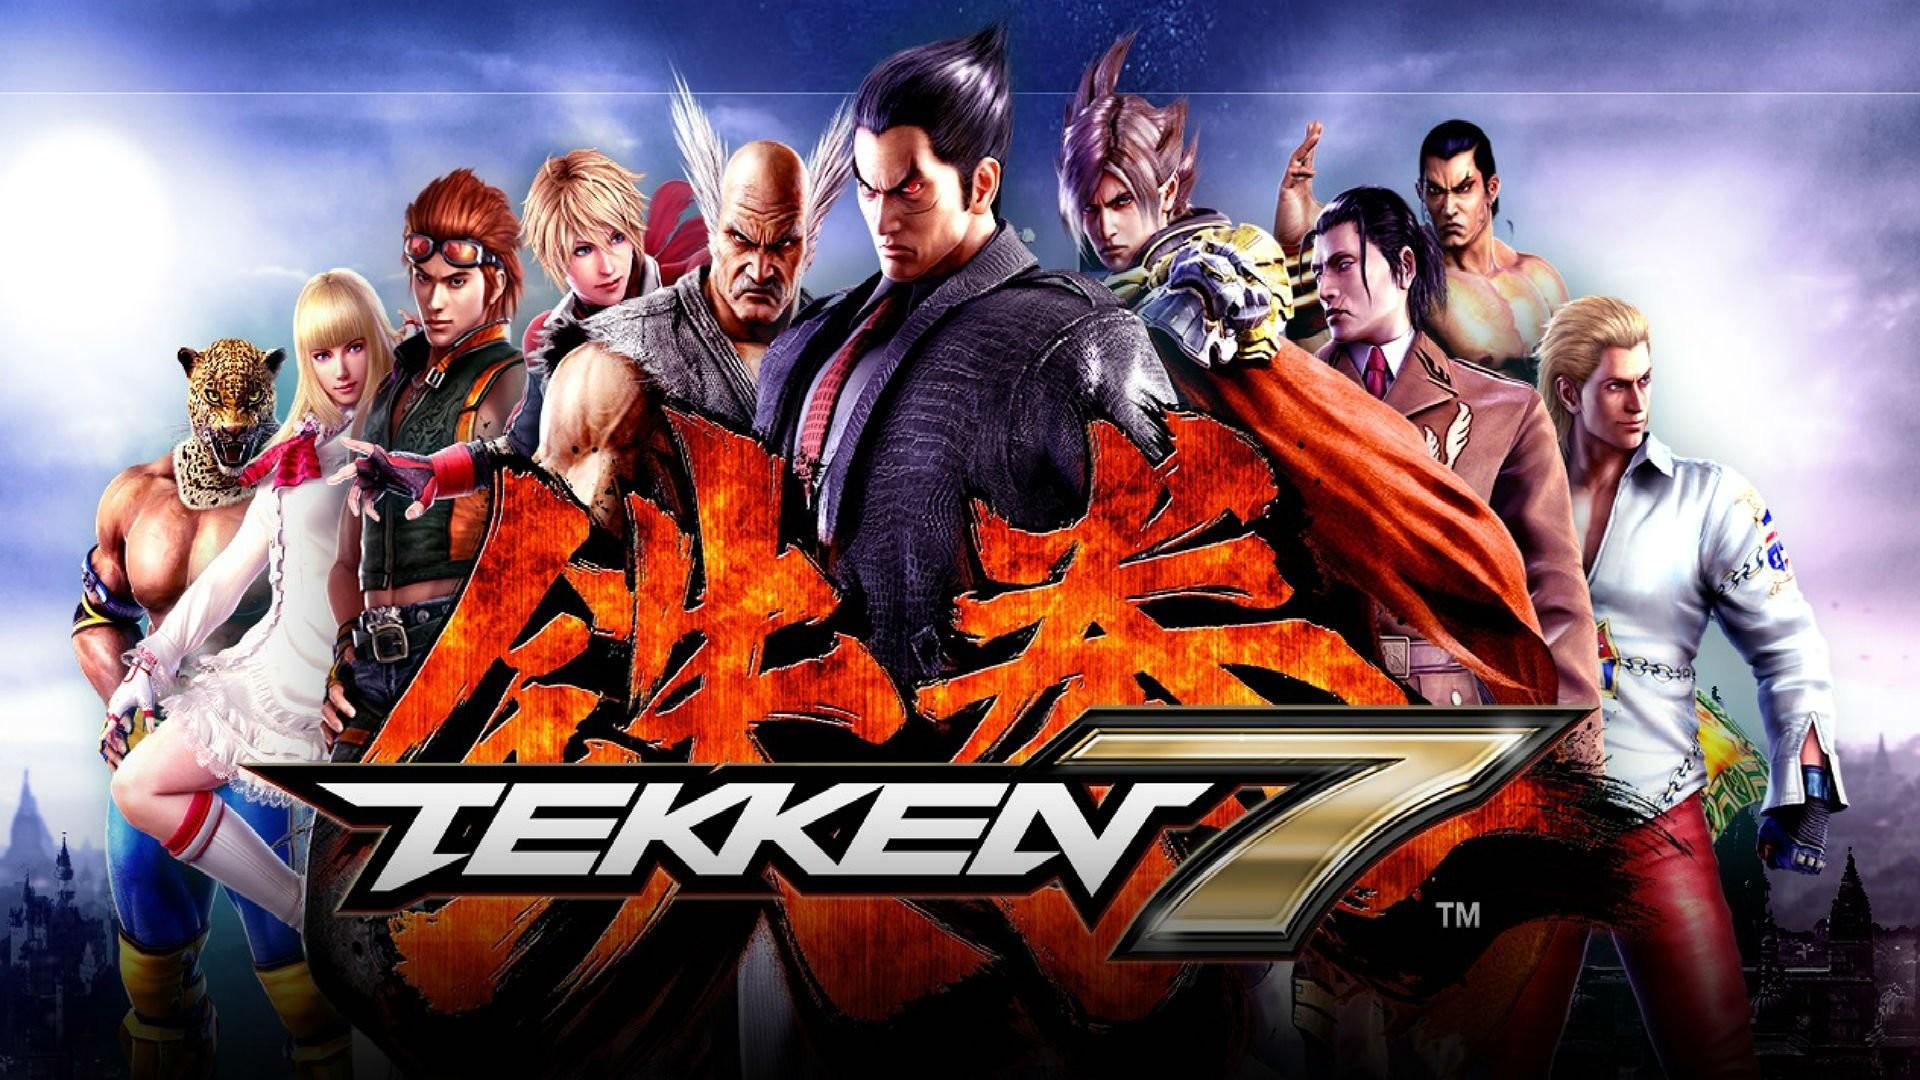 Tekken 7 Wallpapers 75 Pictures